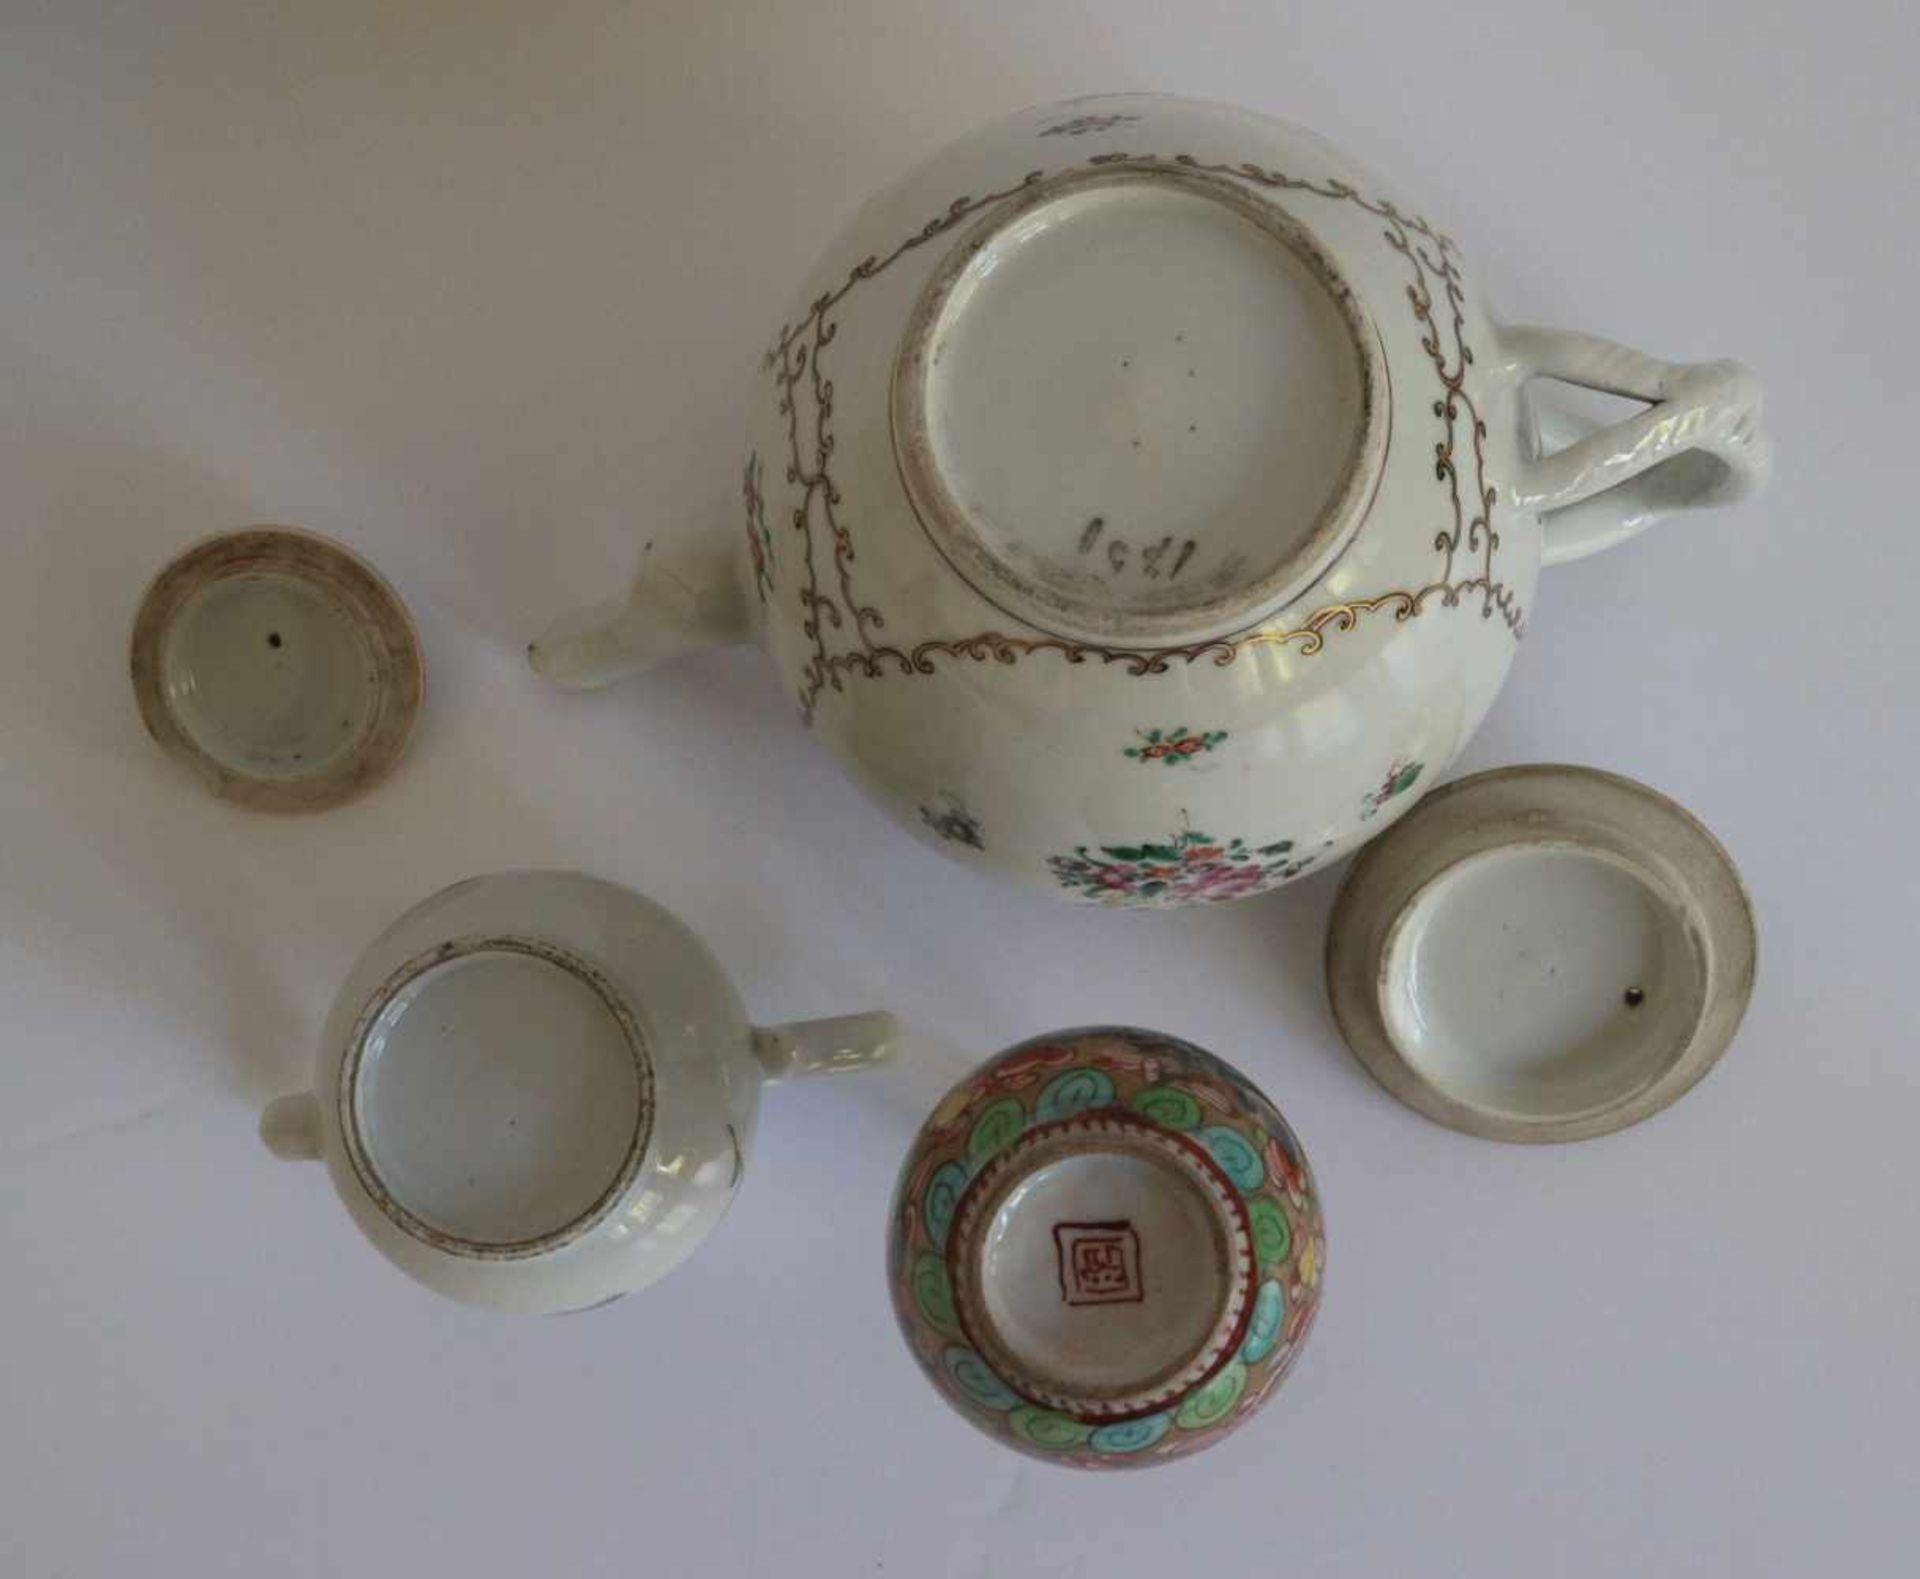 Los 4 - Porcelain Teapot Chine de commande, calebas vase Samson and teapot (crack) H 9,5 tot 13,5 cm